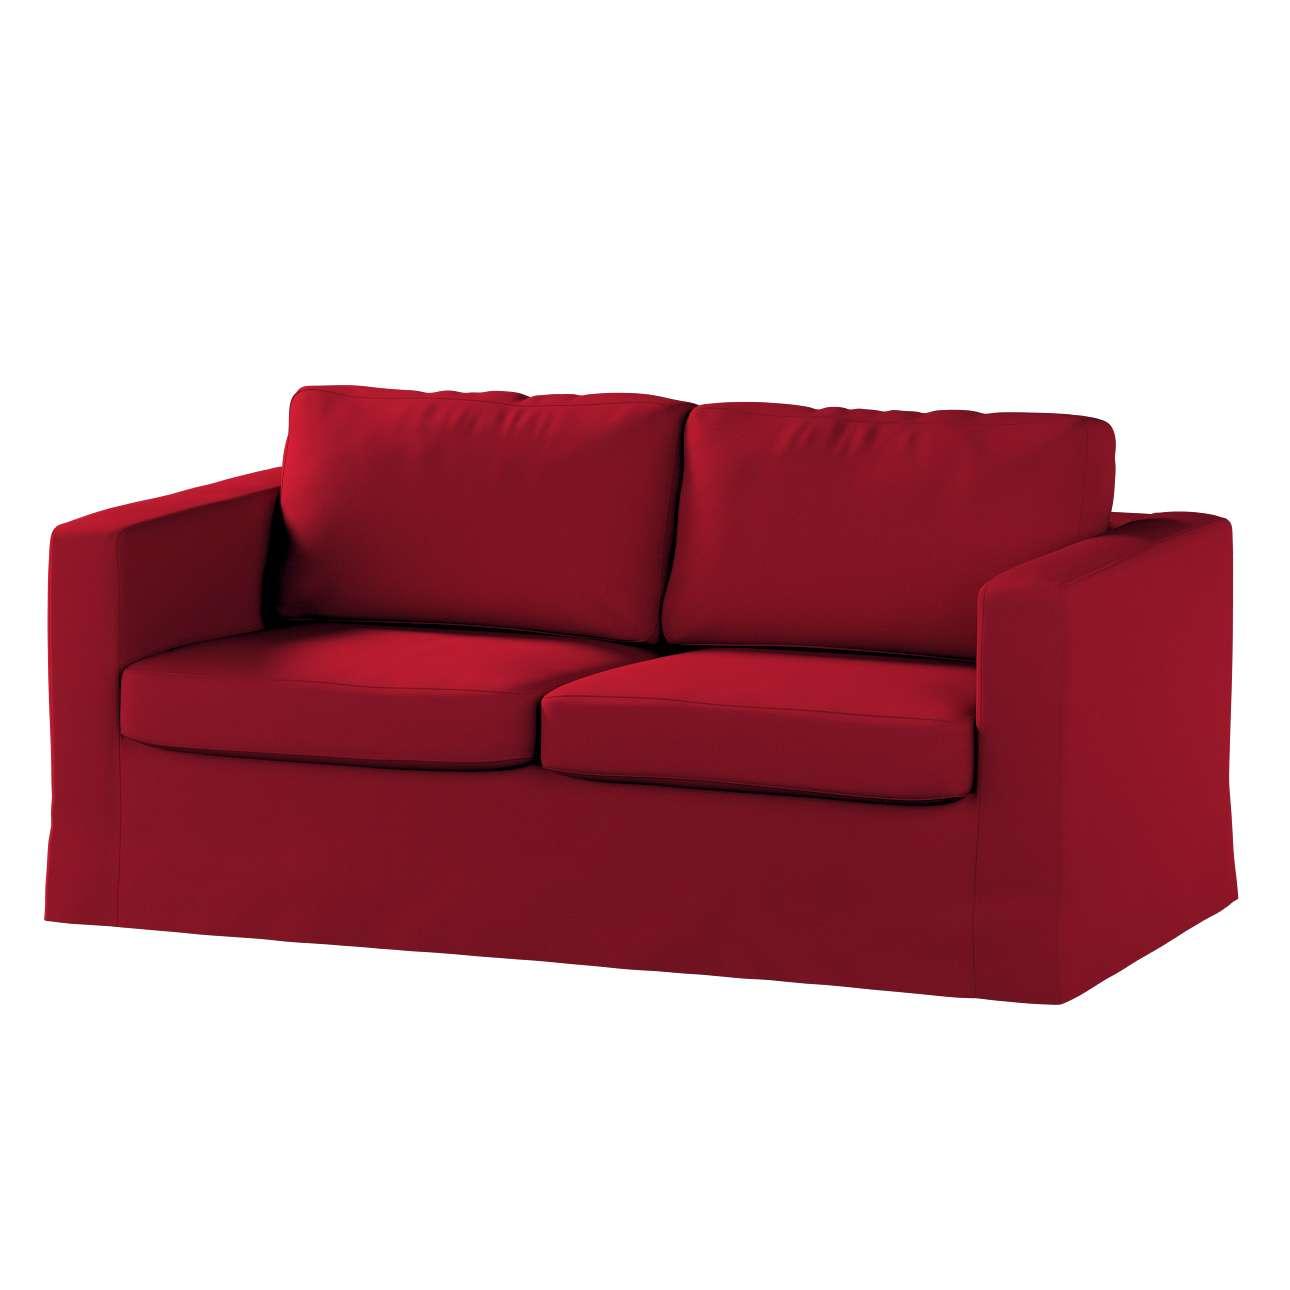 Karlstad 2-Sitzer Sofabezug nicht ausklappbar lang Sofahusse, Karlstad 2-Sitzer von der Kollektion Etna, Stoff: 705-60